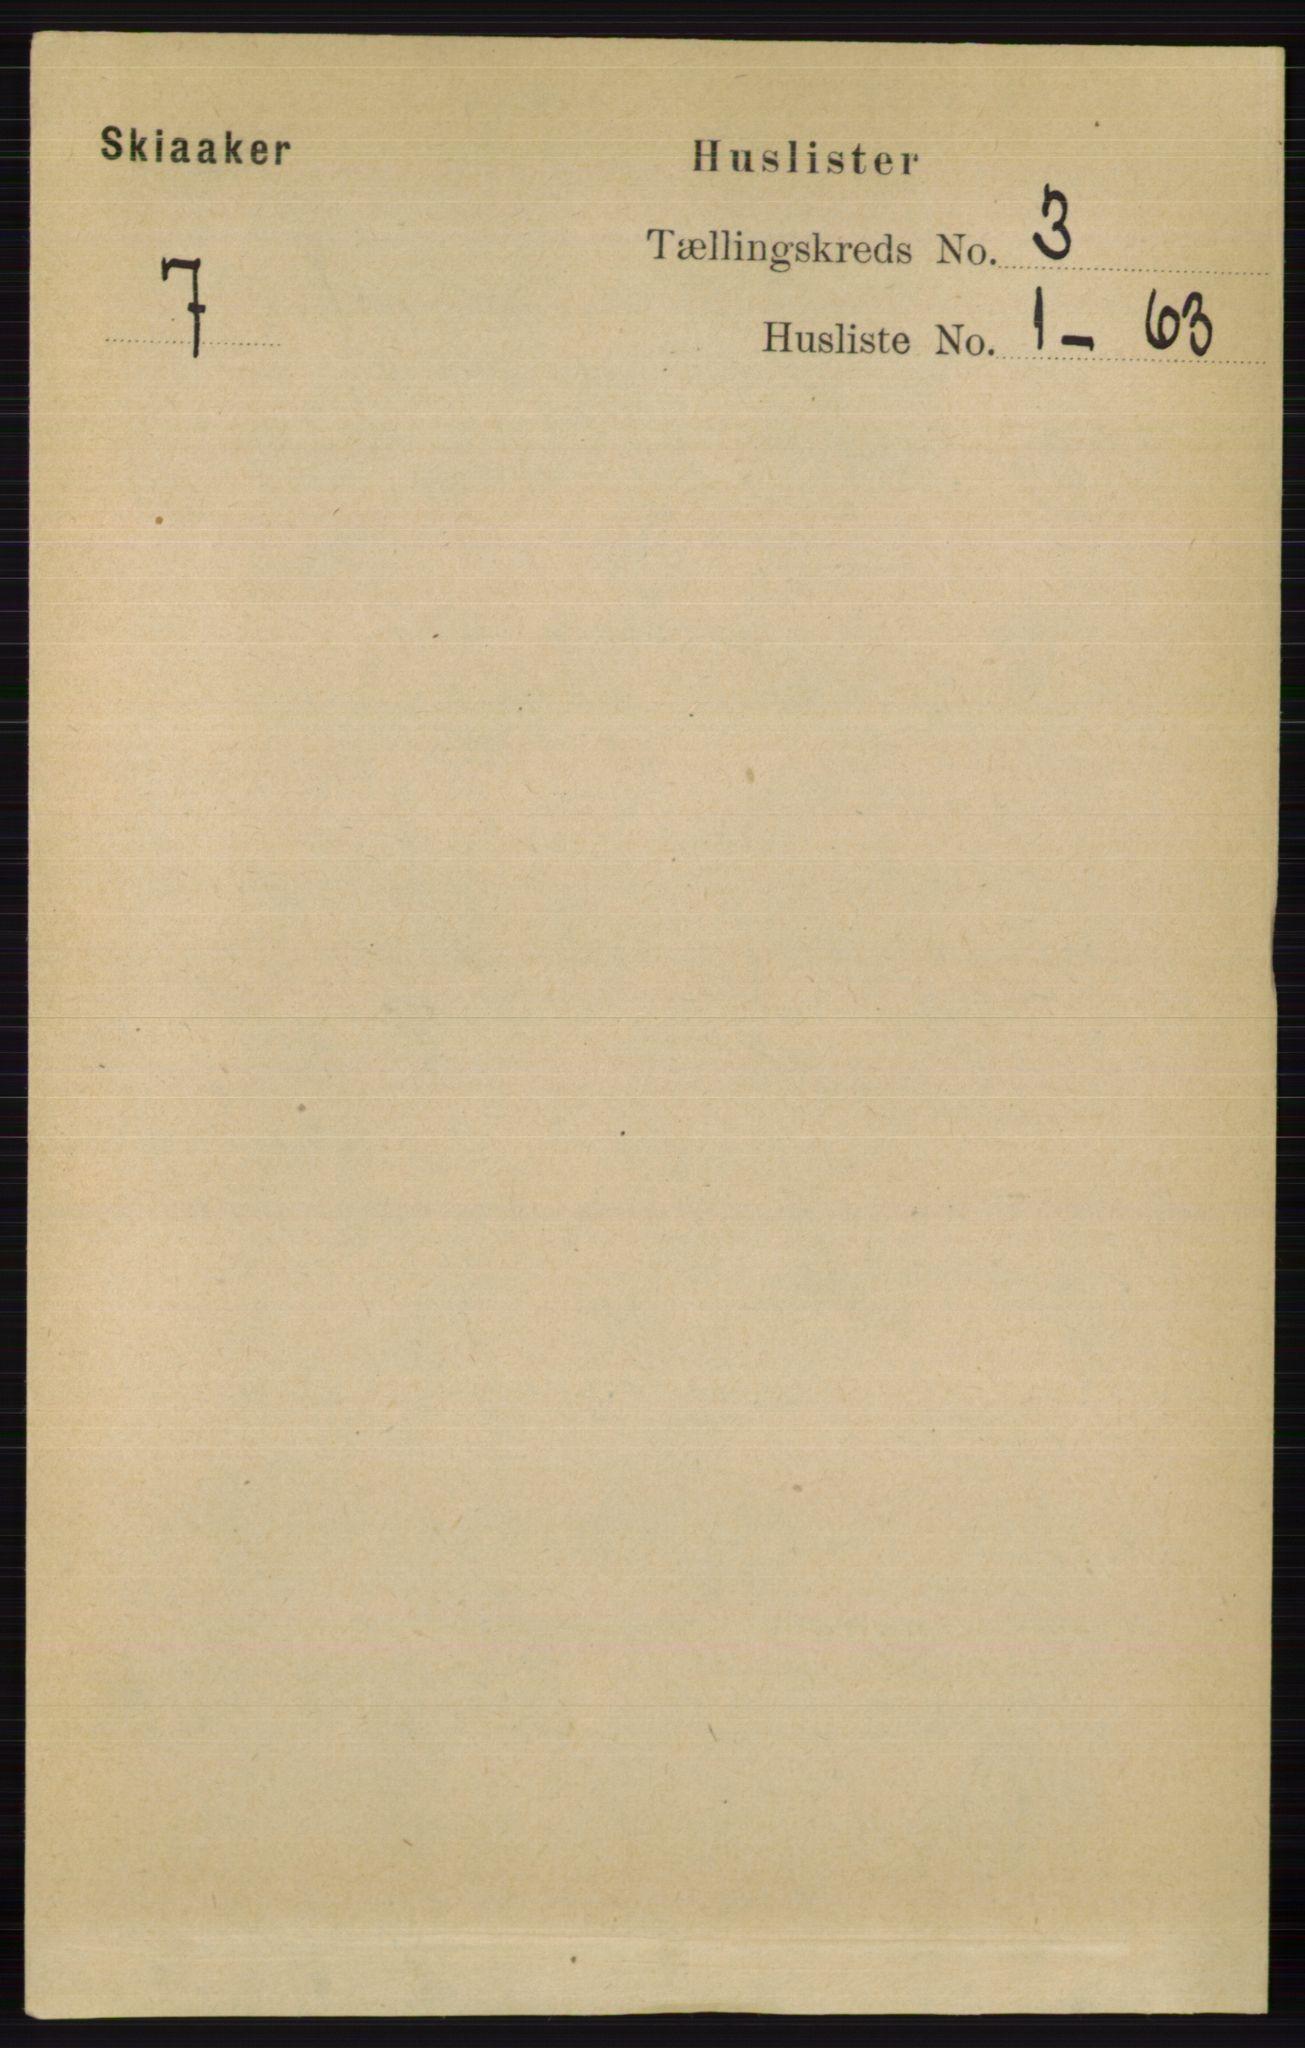 RA, Folketelling 1891 for 0513 Skjåk herred, 1891, s. 883